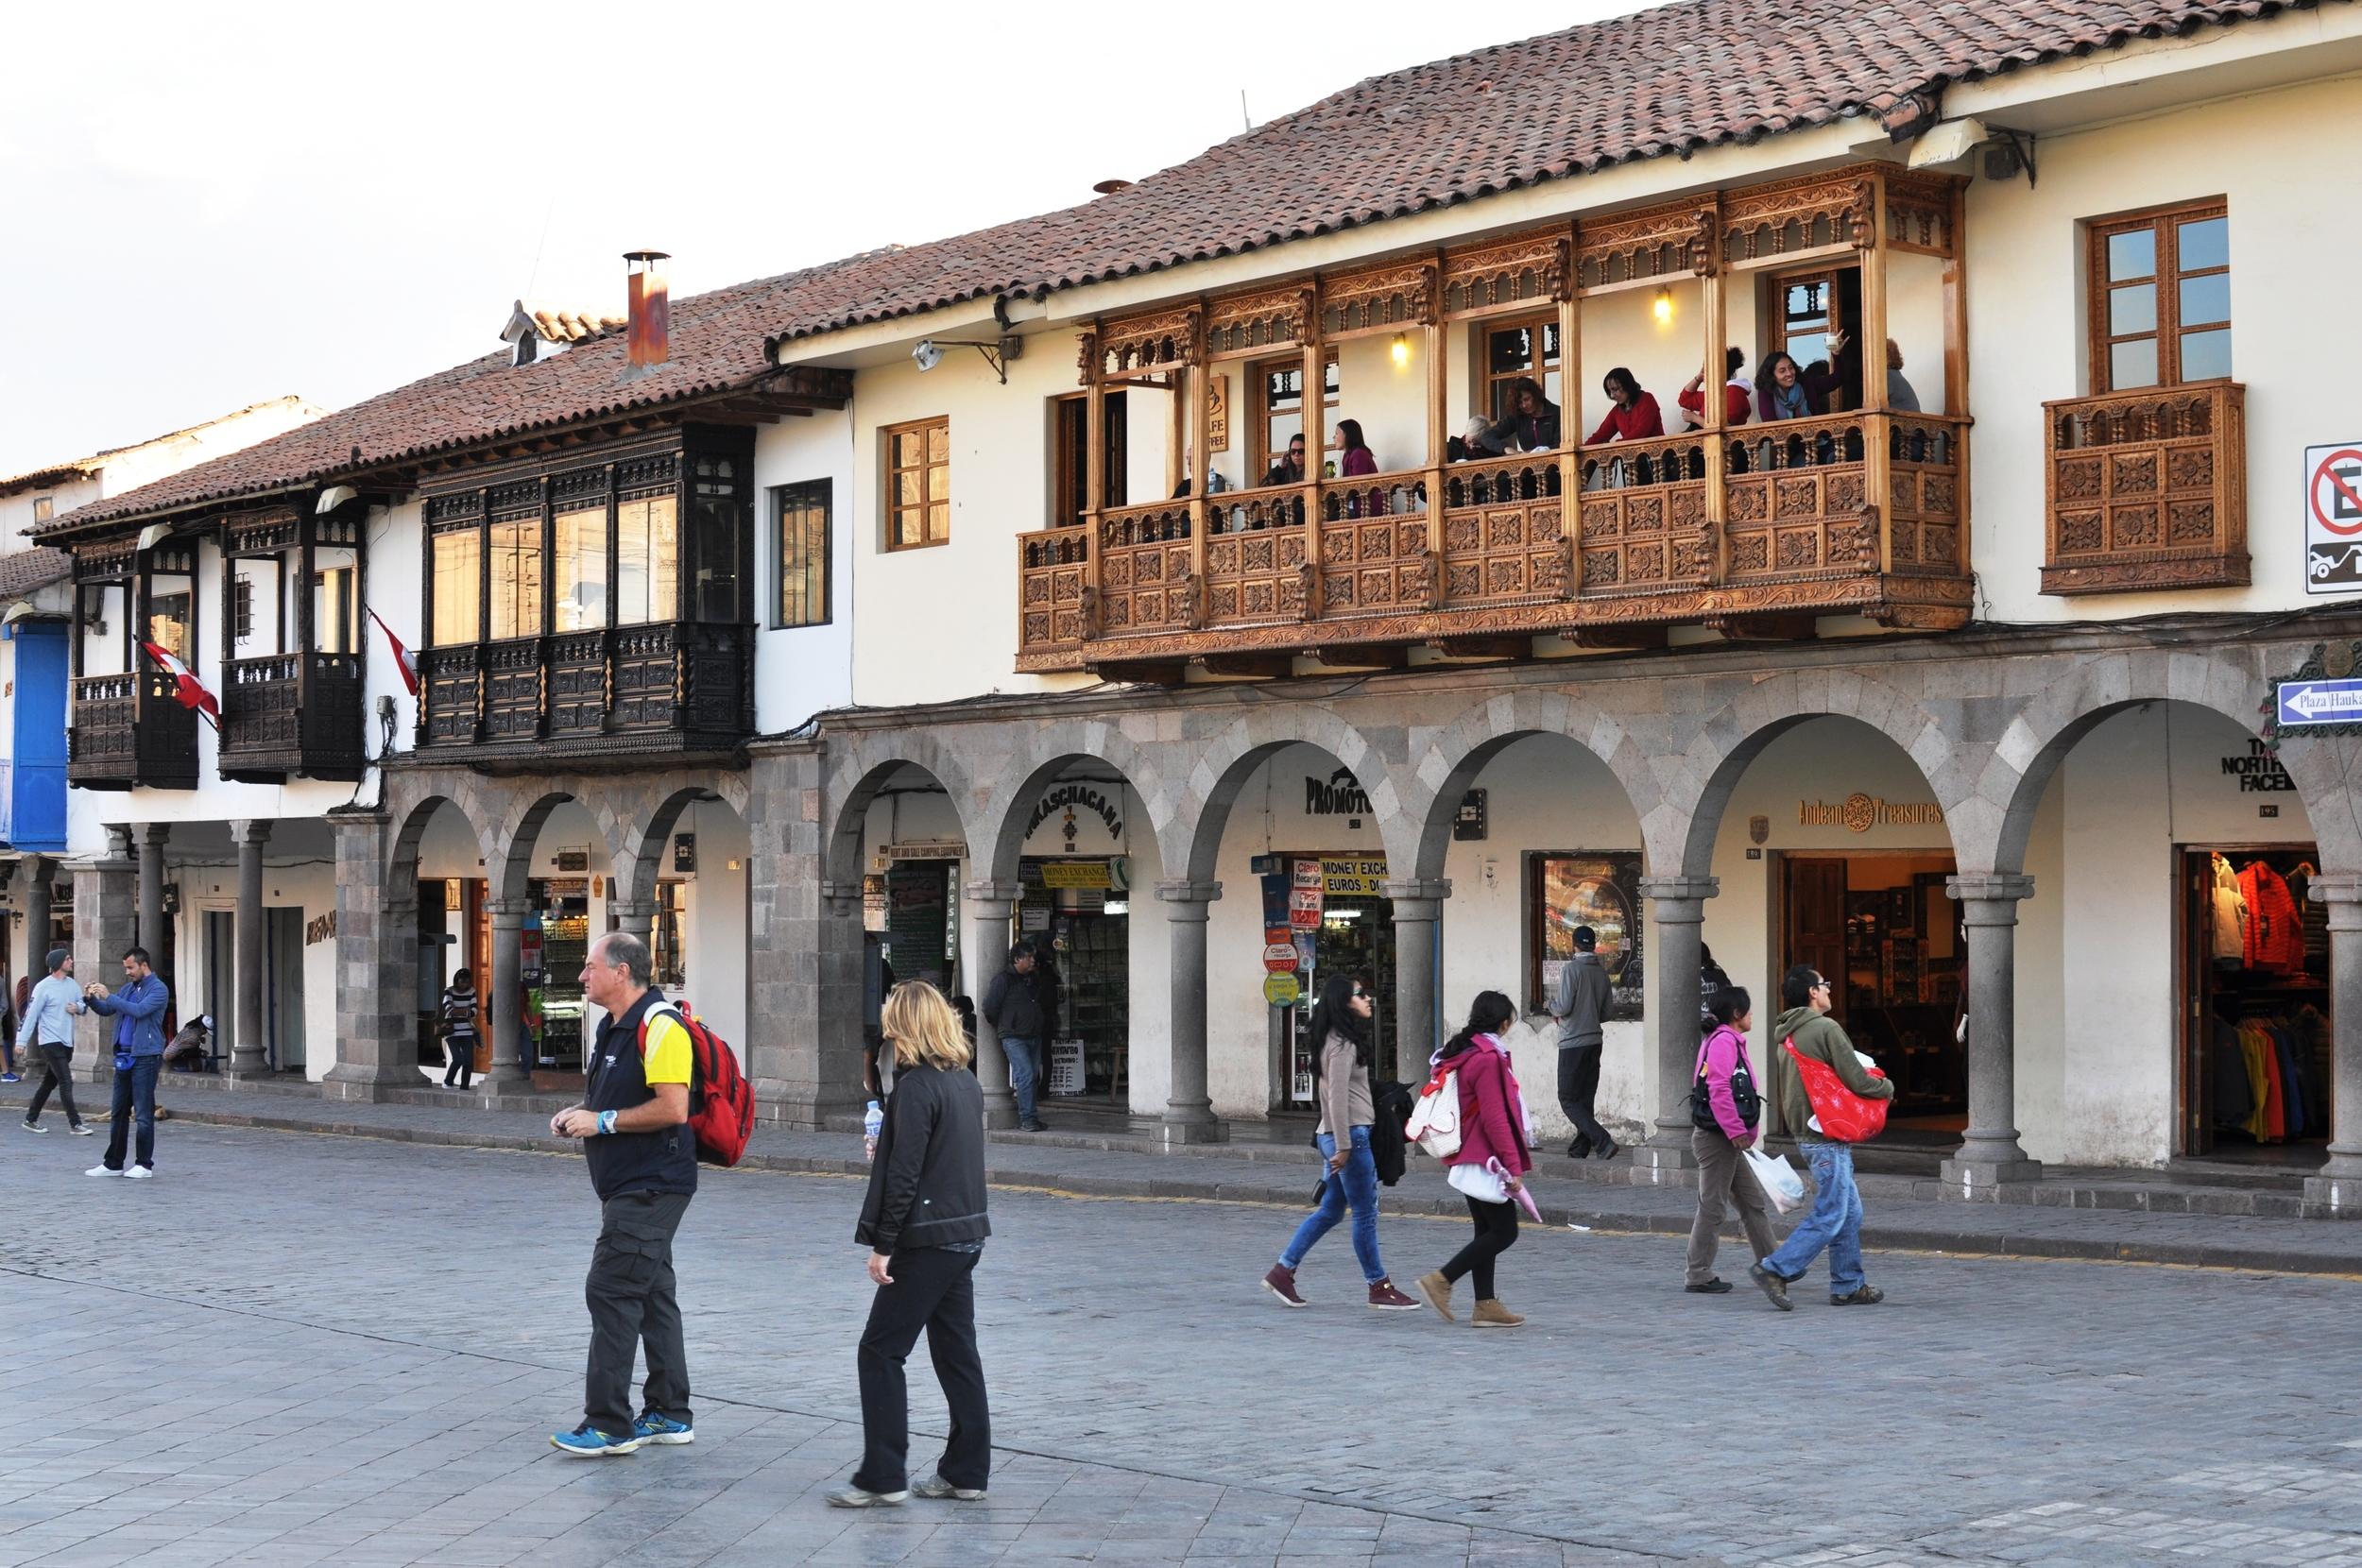 Bars overlooking the Plaza De Armas